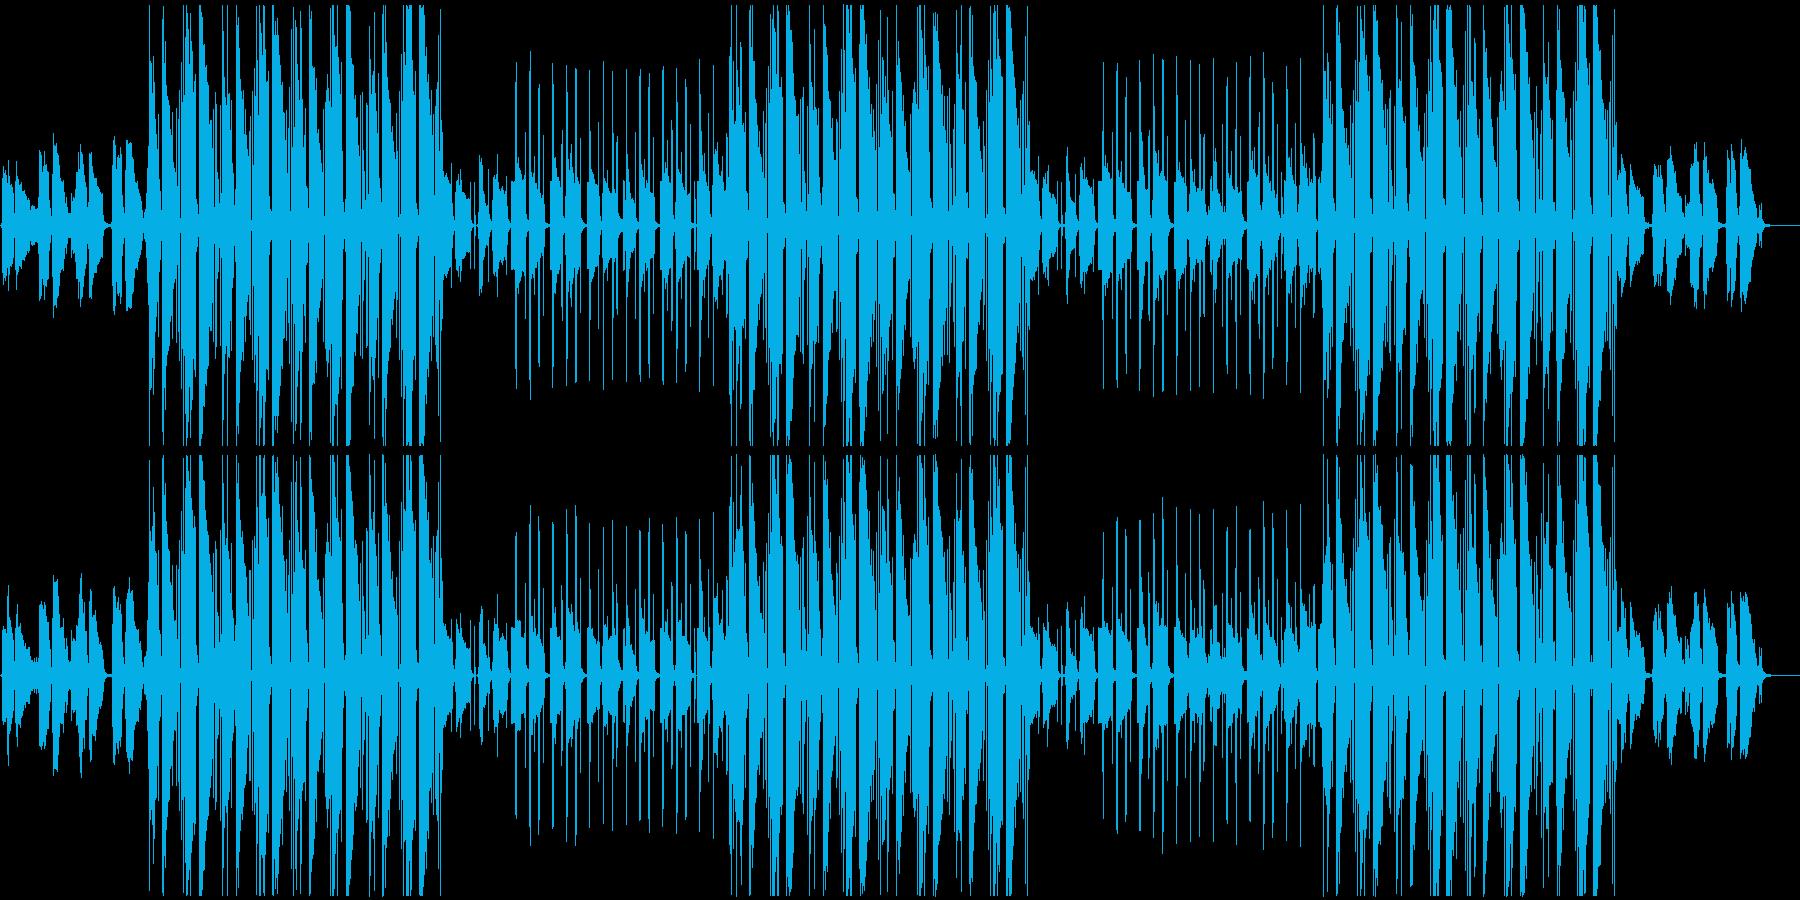 ムーディーな雰囲気のあるBGMの再生済みの波形